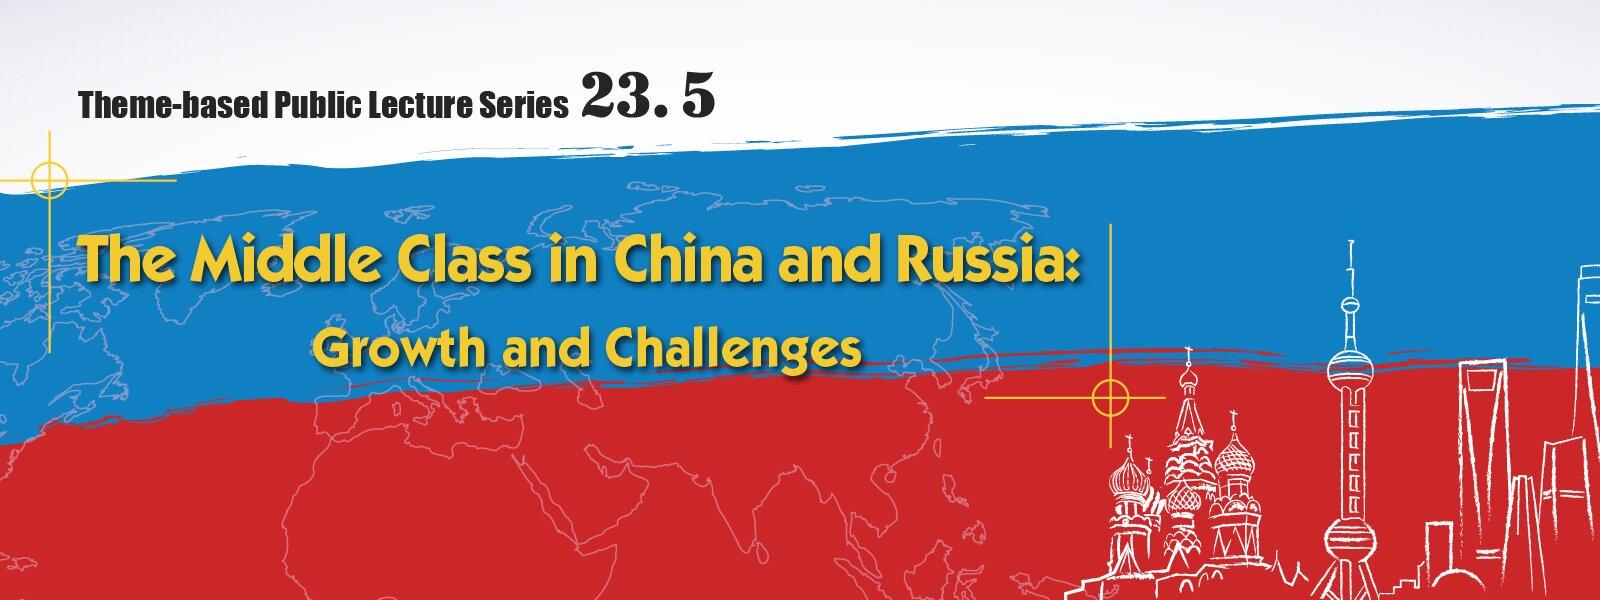 「主题公开讲座系列」—— 中国和俄罗斯的中产阶级:成长与挑战